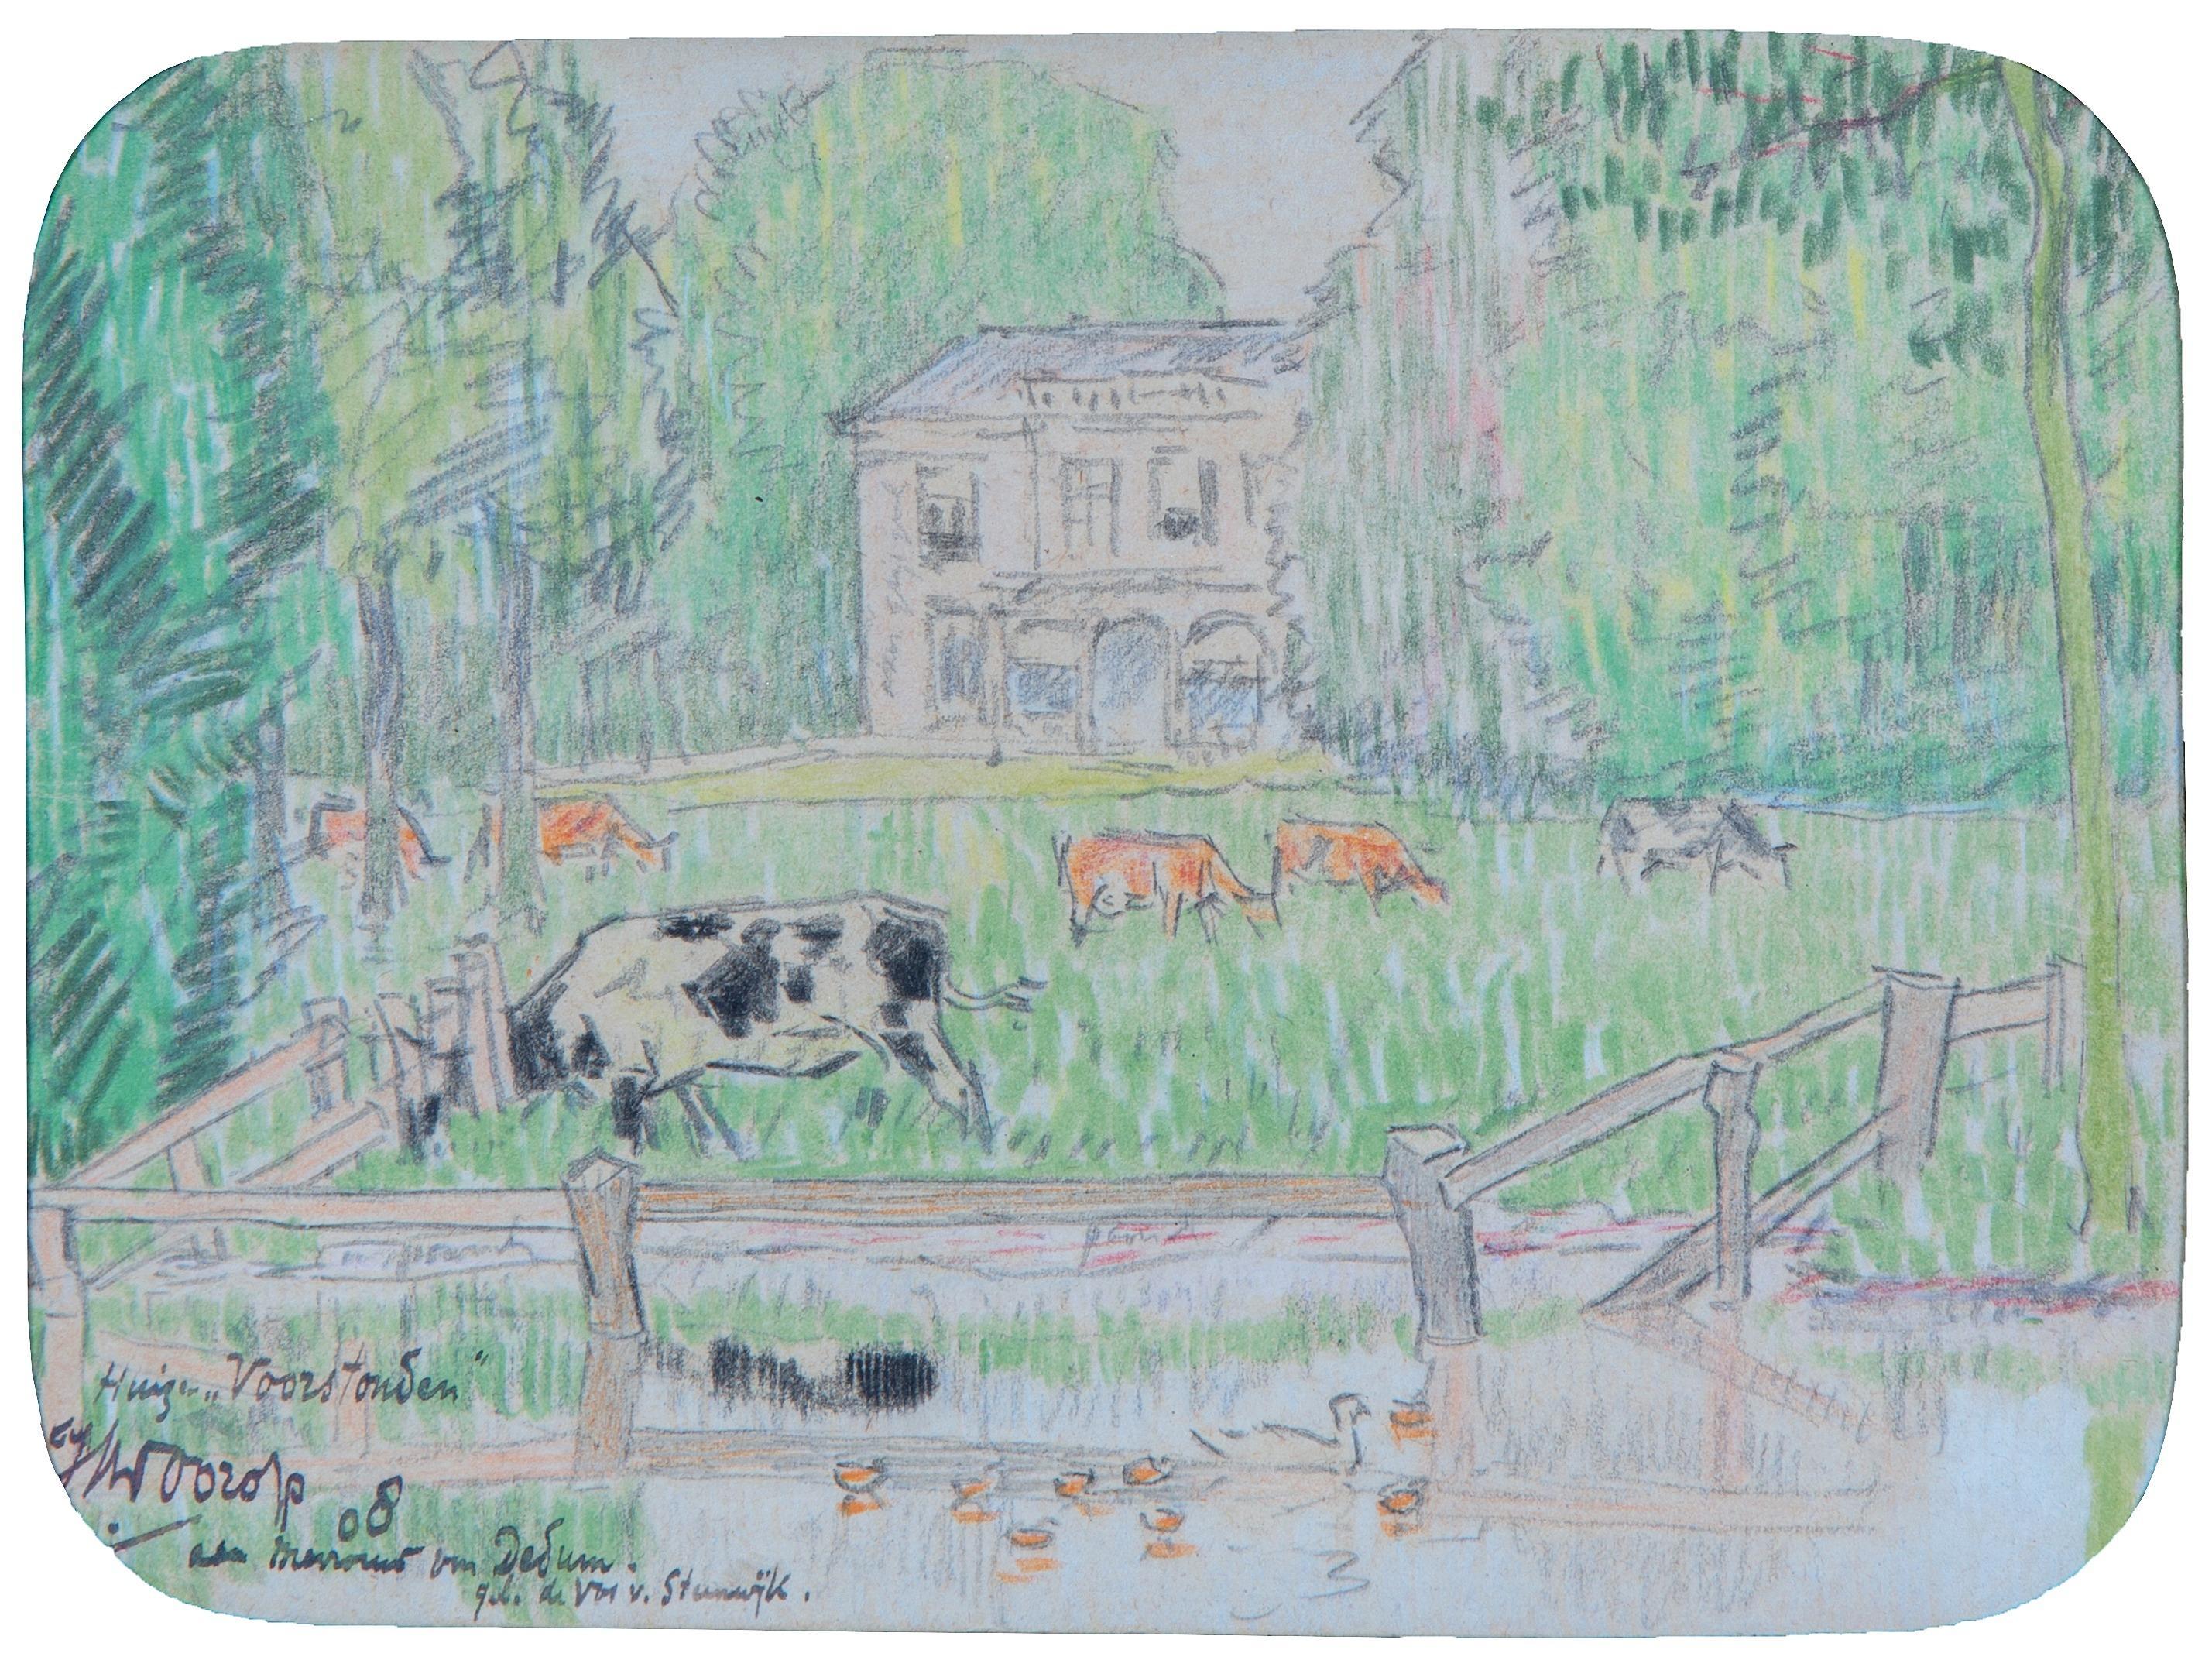 Huize Voorstonden / Cows grazing near Huis Voorstonden, Brummen